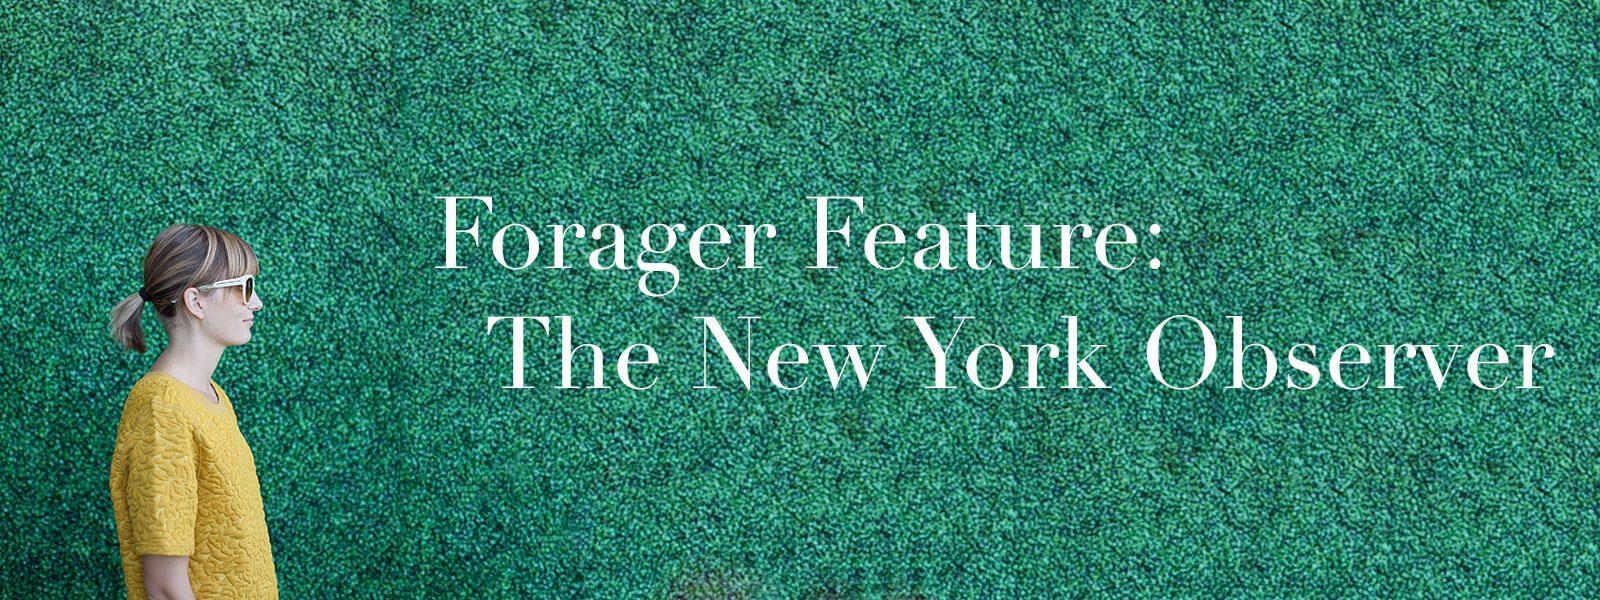 New-York-Observer-Banner